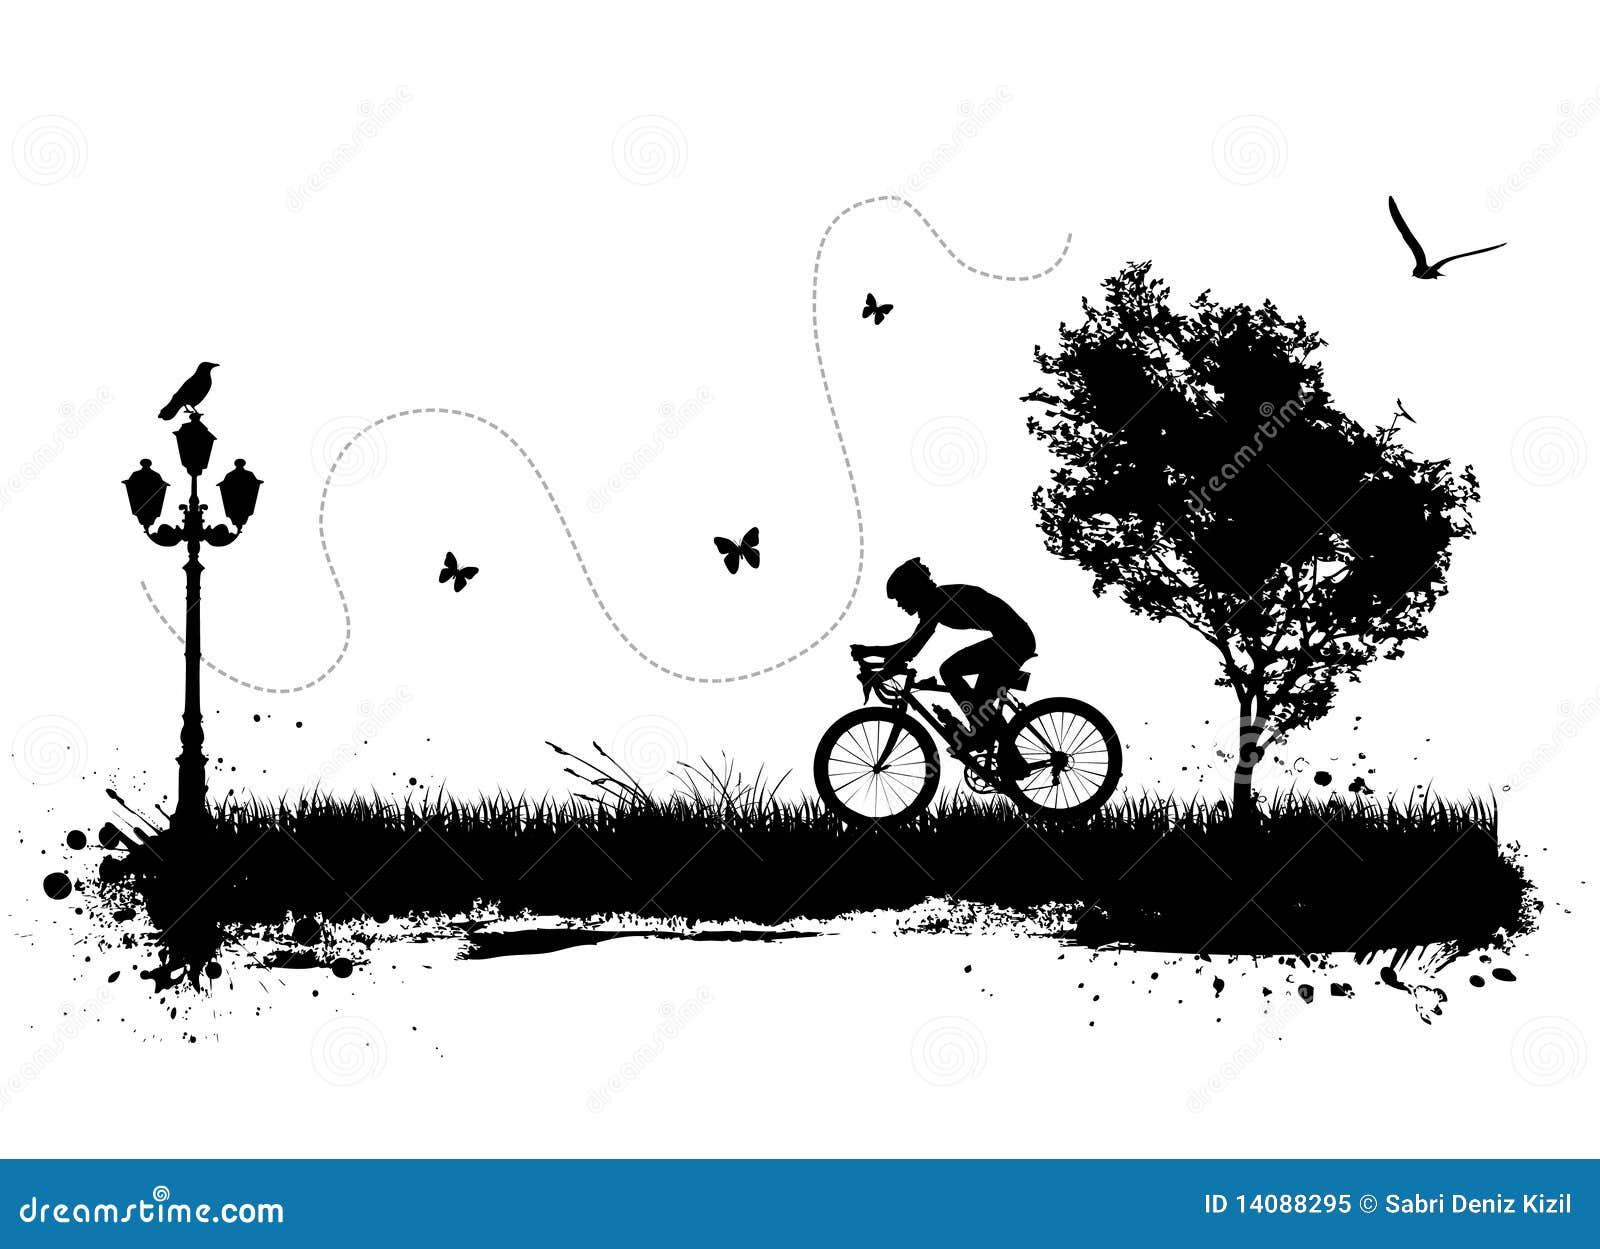 Bici y ciudad